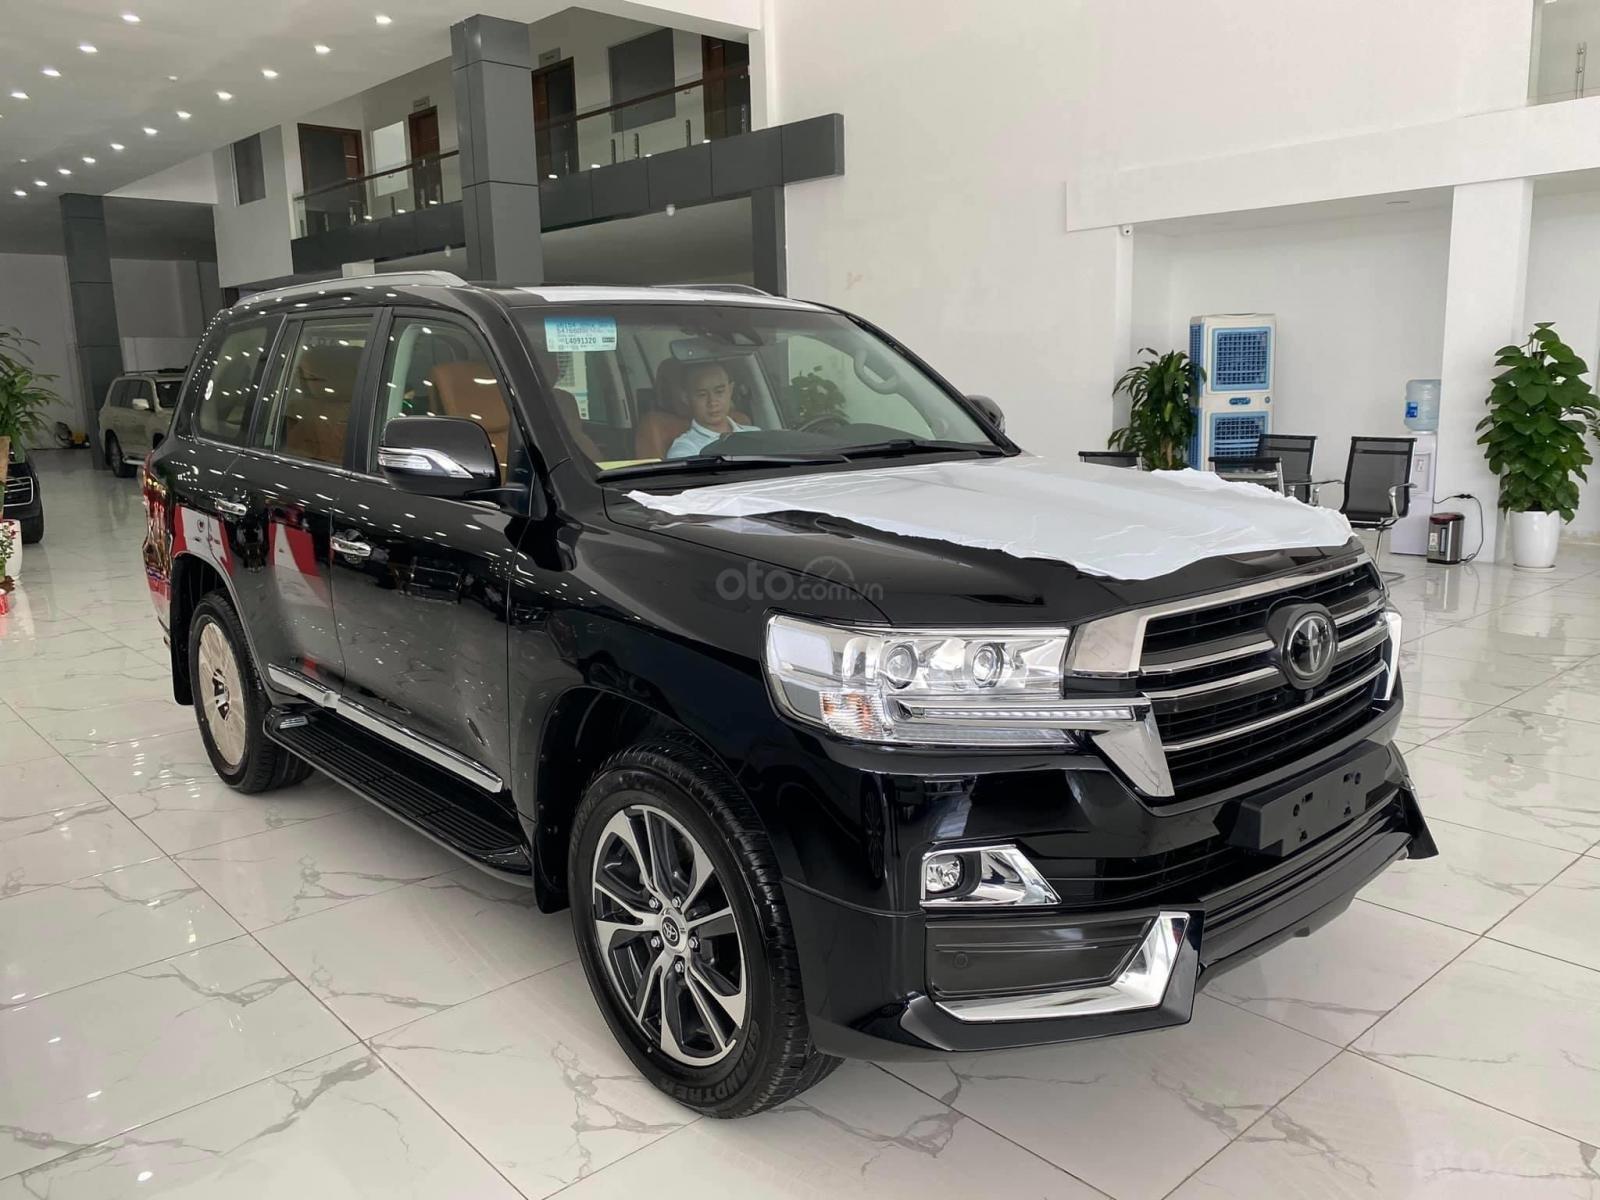 Bán Toyota Land Cruise MBS 5.7,4 ghế thương gia siêu vip, sản xuất 2020, xe giao ngay (3)